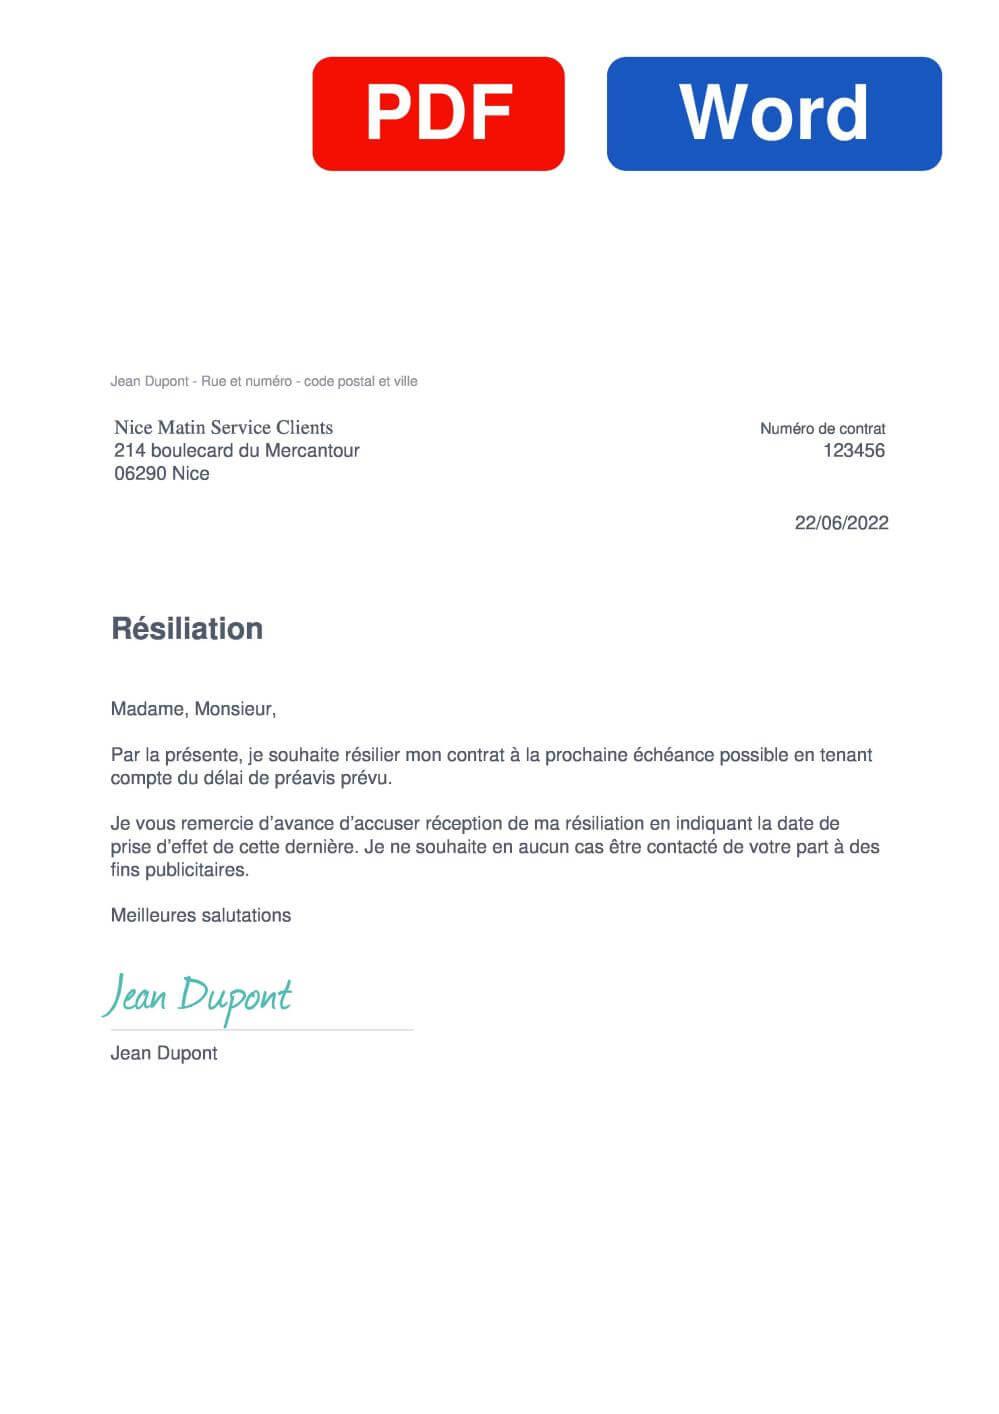 Résilier Nice Matin : Lettre de résiliation gratuit